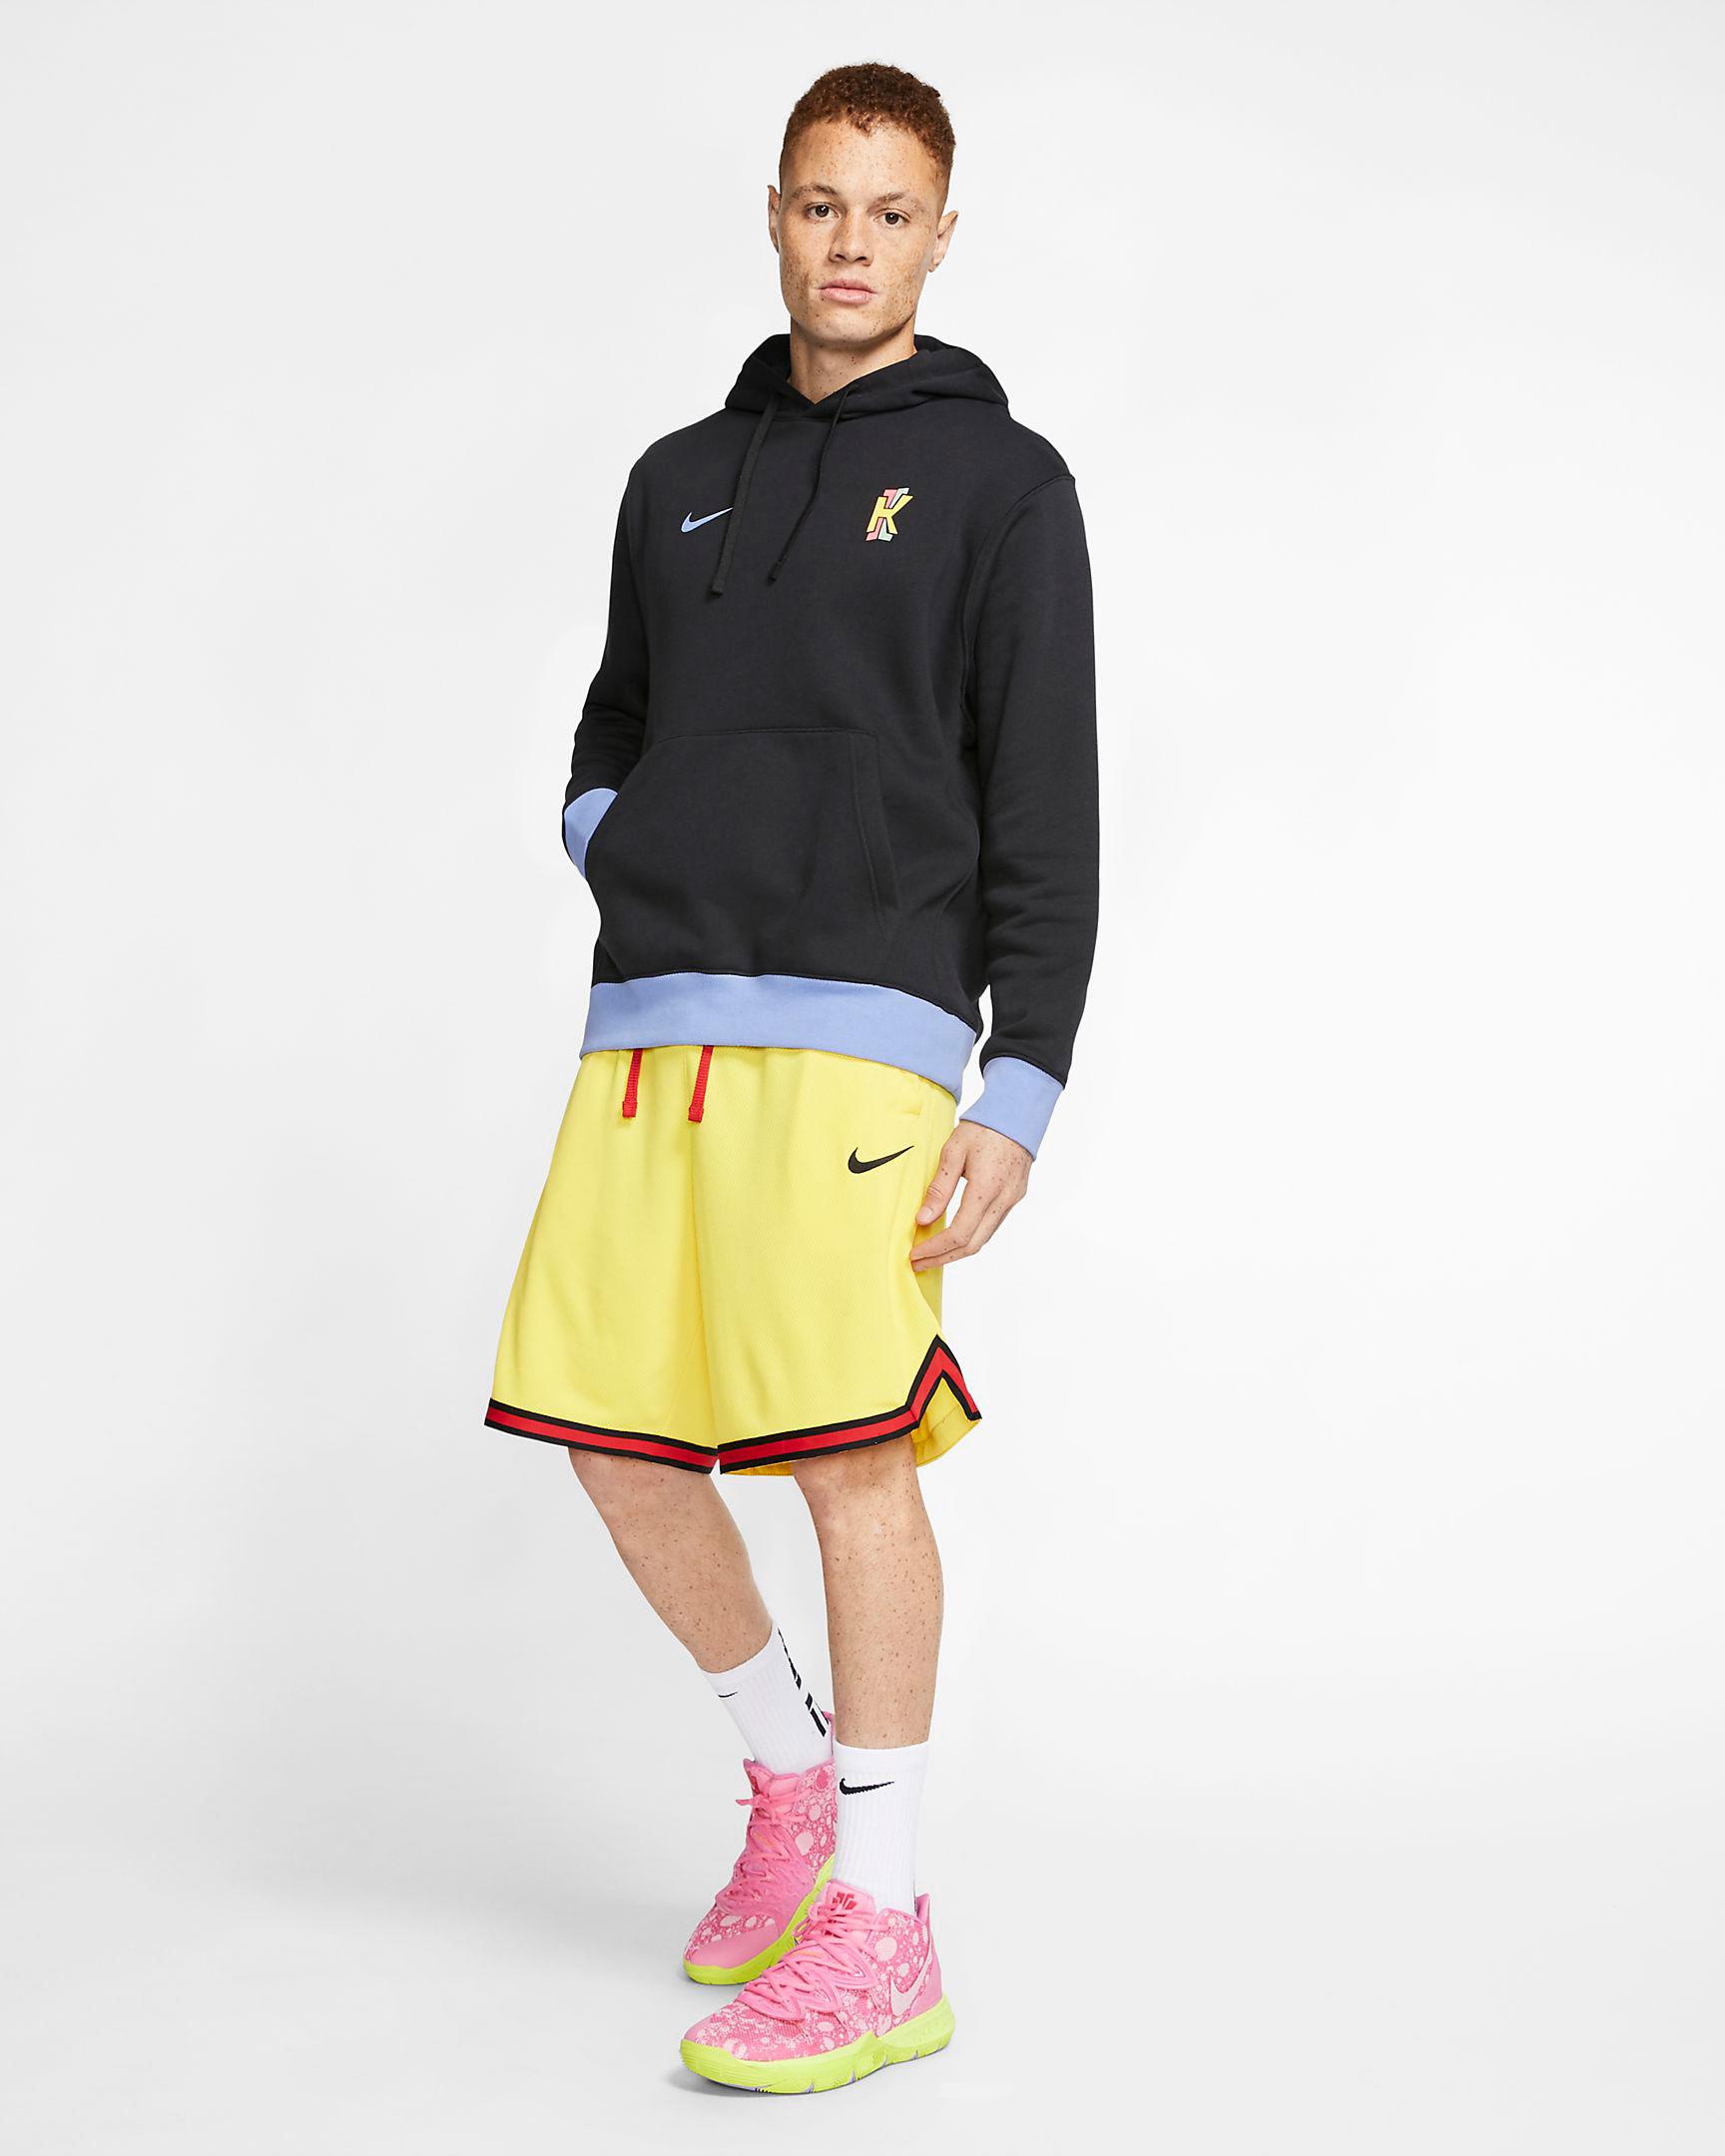 spongebob-nike-kyrie-pineapple-house-hoodie-6